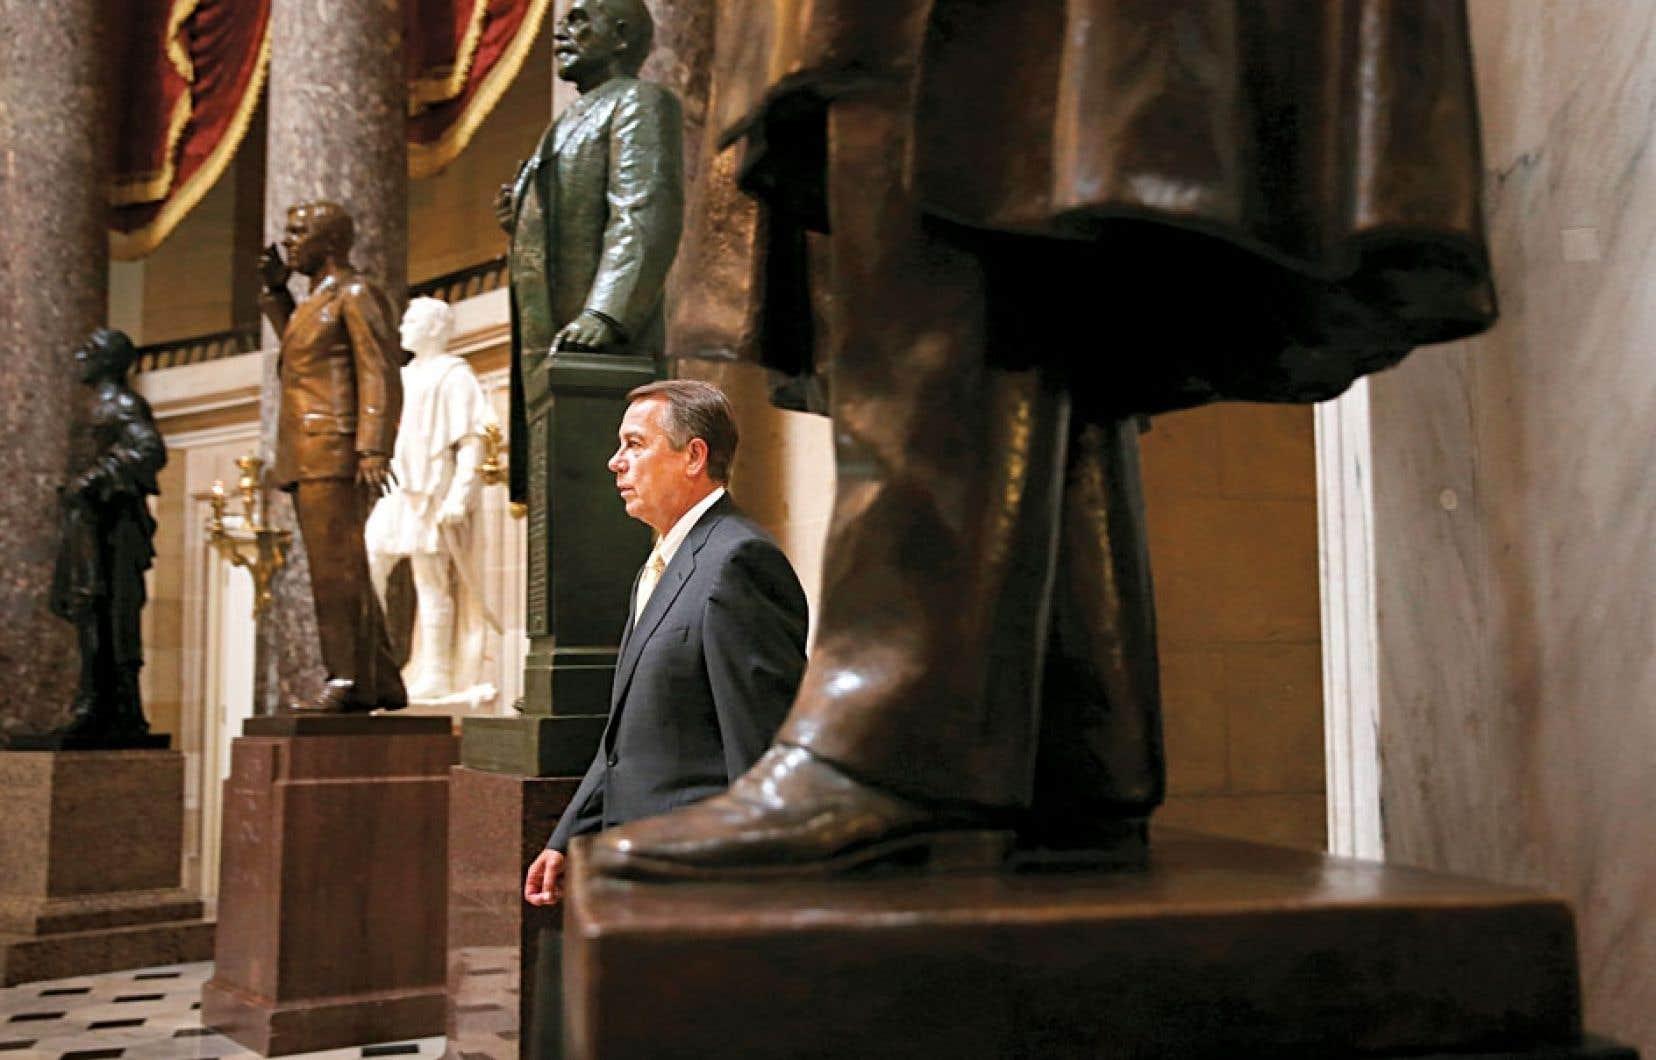 Le président de la Chambre des représentants, John Boehner, serait-il coincé par le Tea Party?